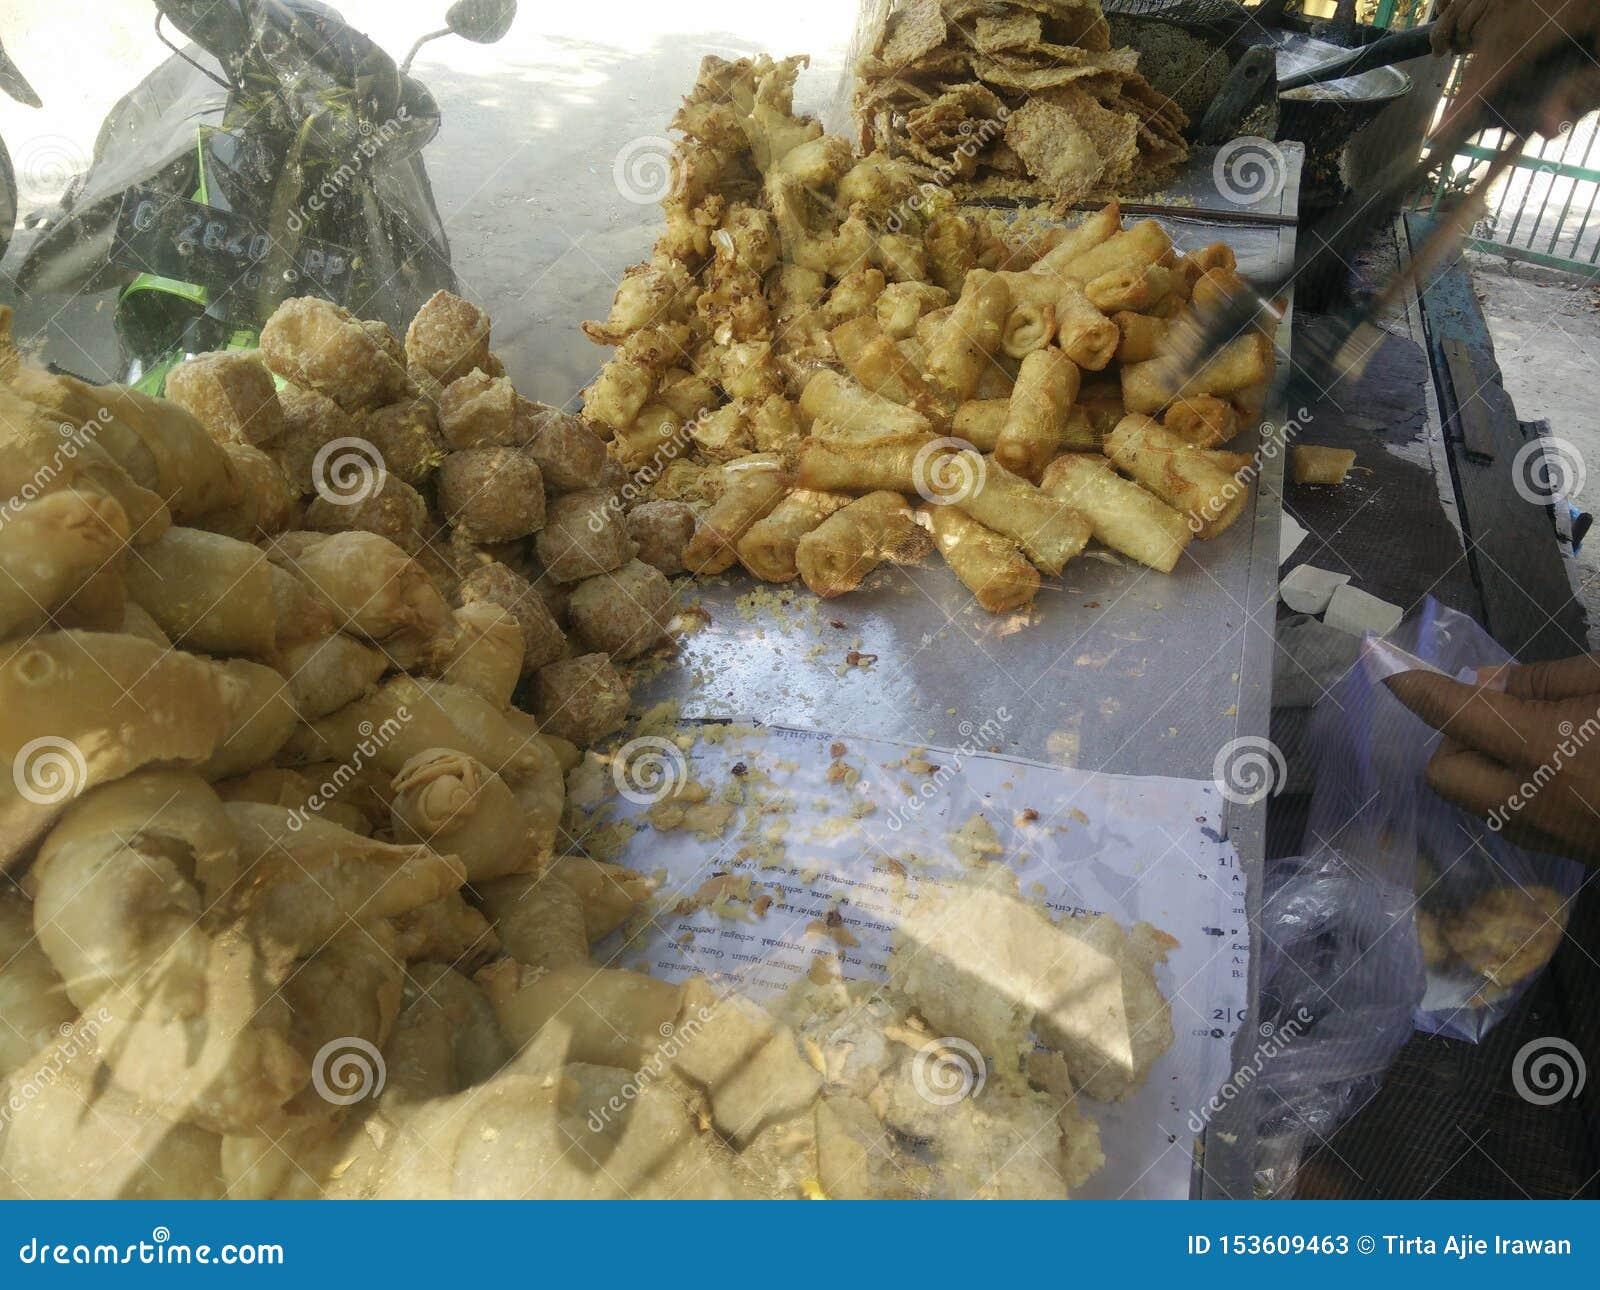 勿加泗印度尼西亚7月10日2019年Gorengan:油炸食品是普遍的快餐的一种类型在印度尼西亚,油煎的tempeh,豆腐香蕉